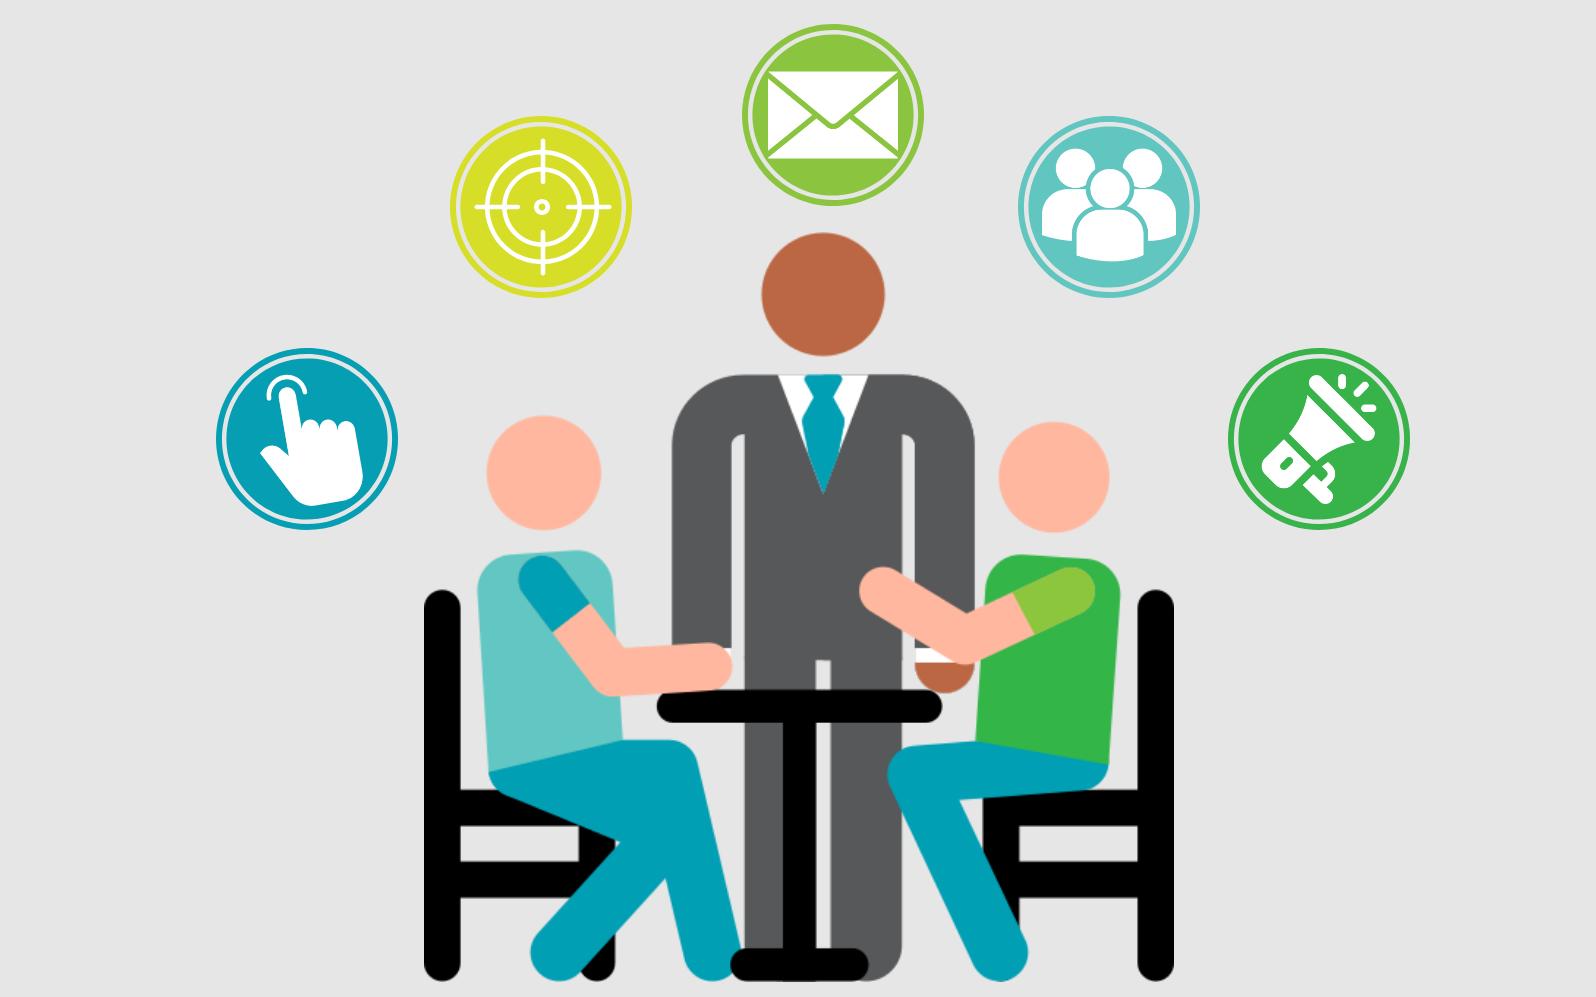 Opis radnog mjesta: Djelatnika/cu za pronalaženje poslova traži uhodana tvrtka koja želi.